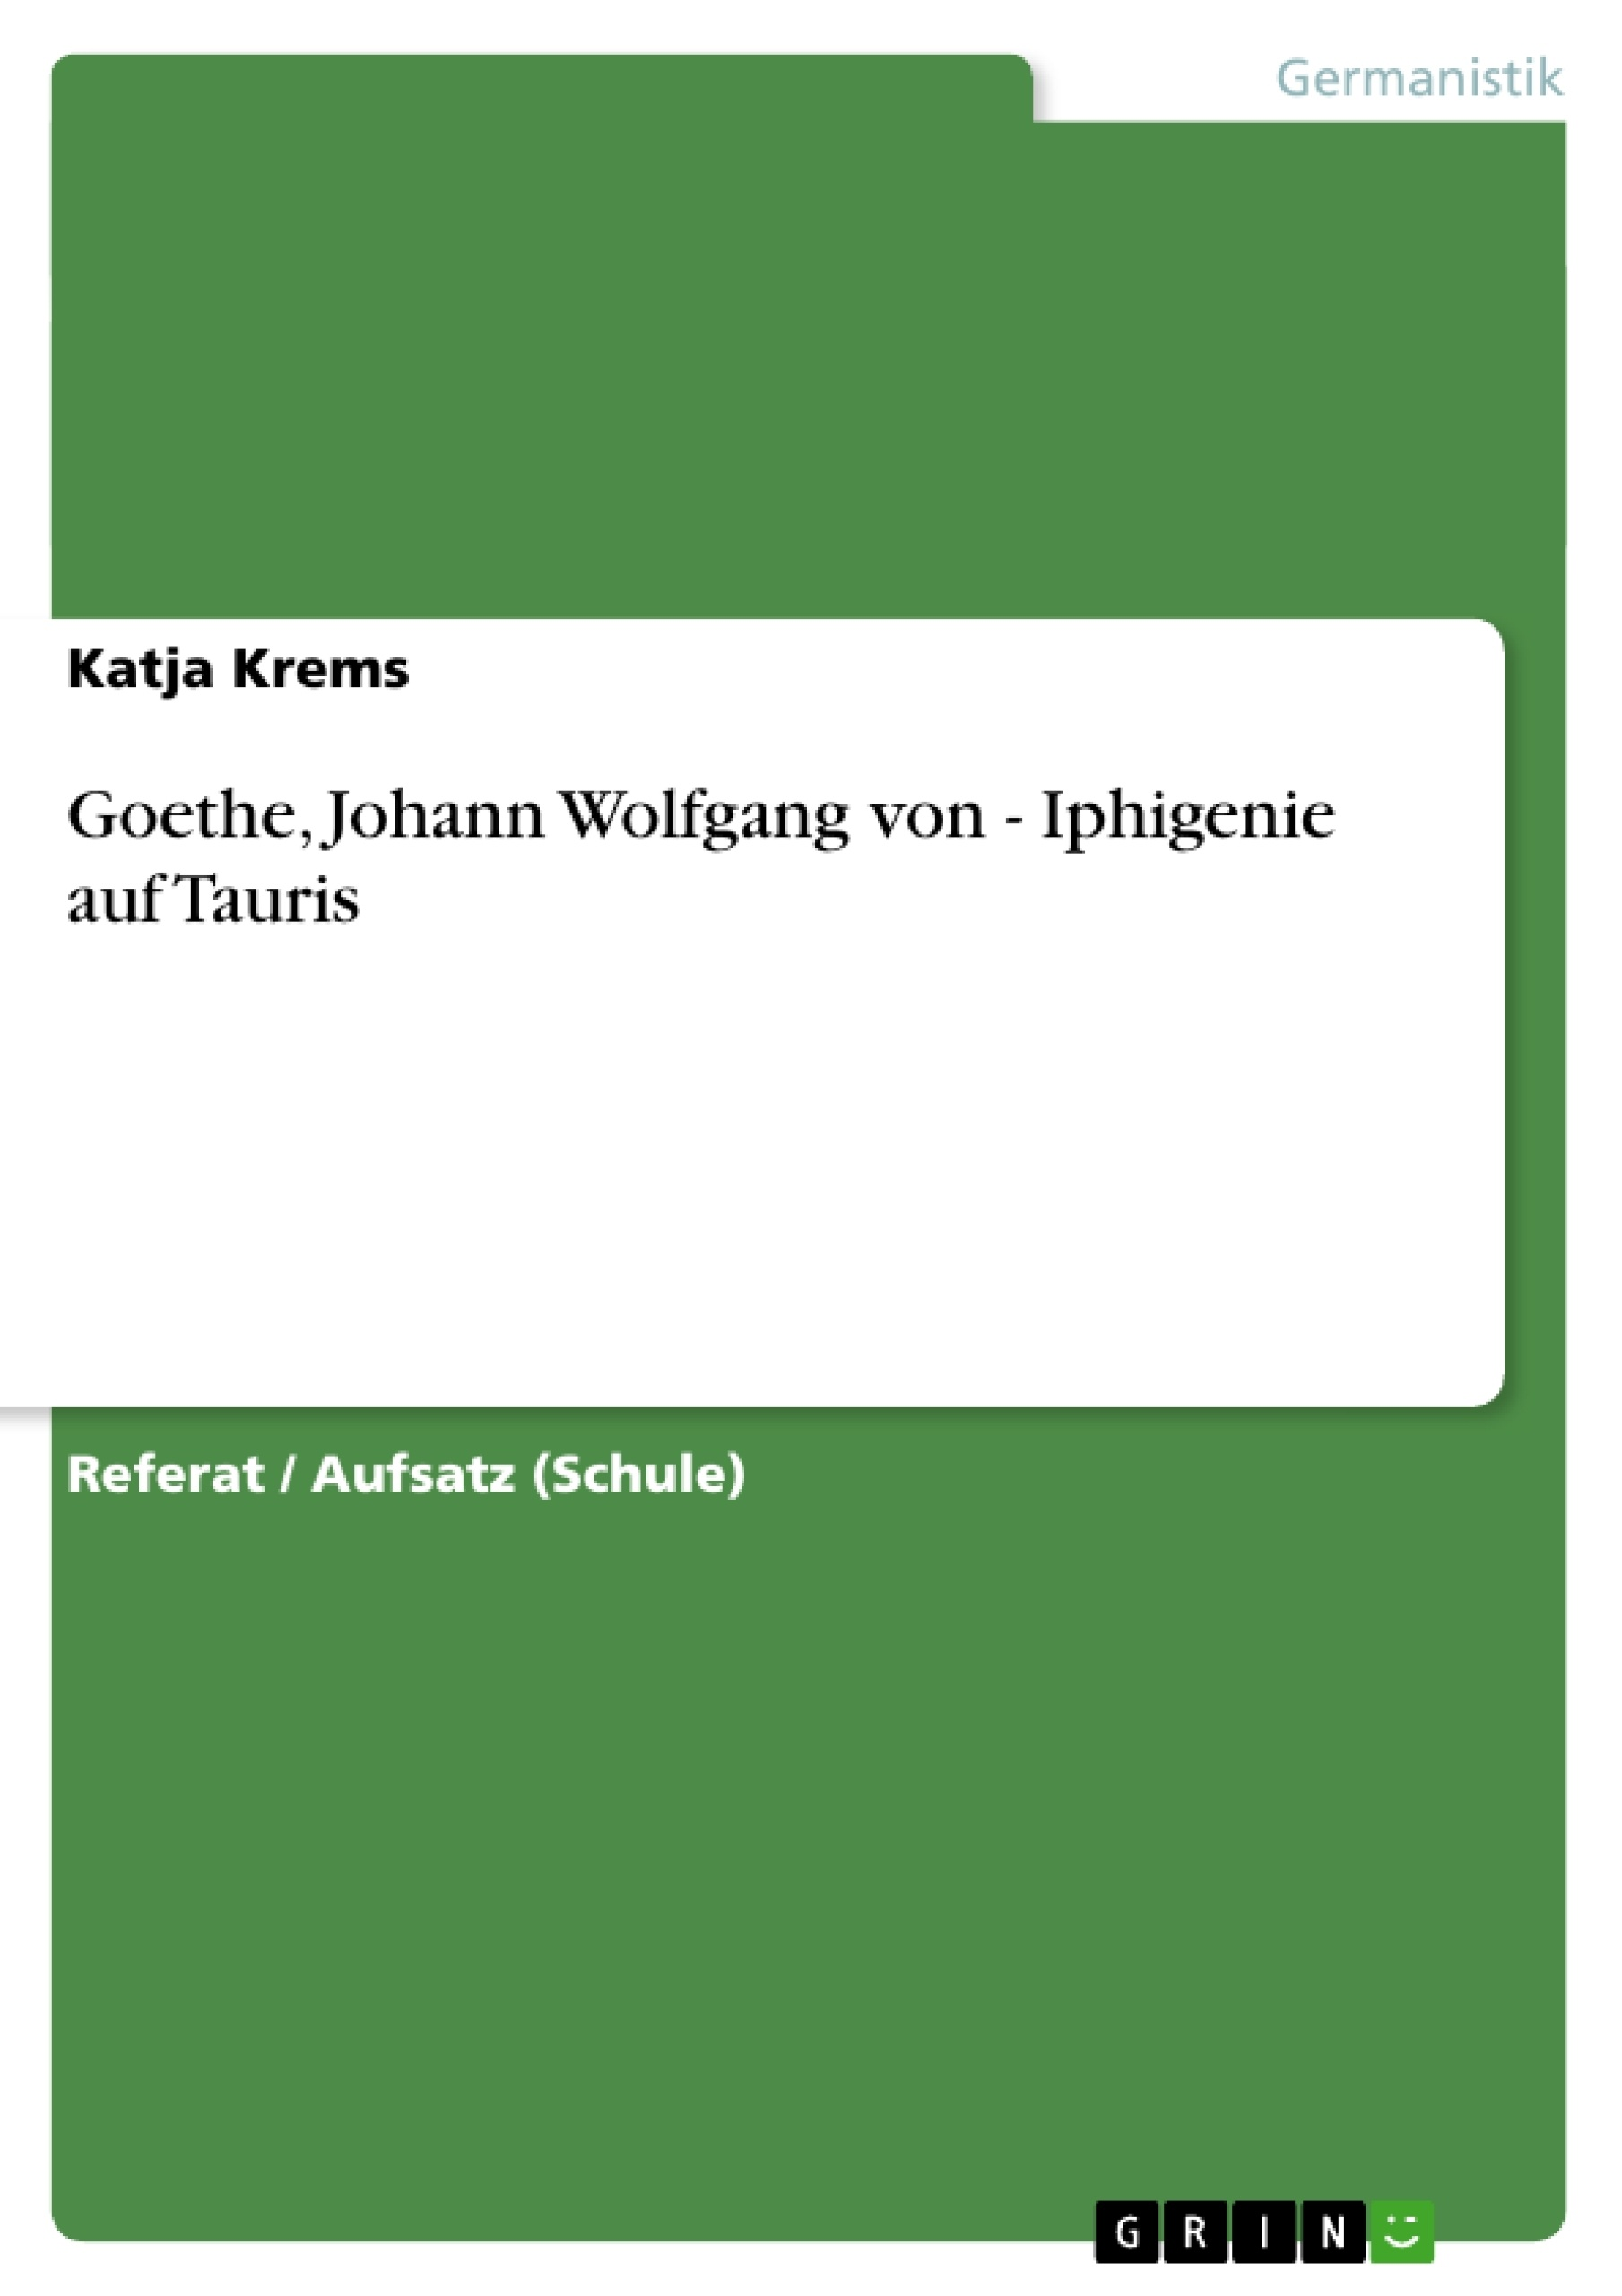 Titel: Goethe, Johann Wolfgang von - Iphigenie auf Tauris